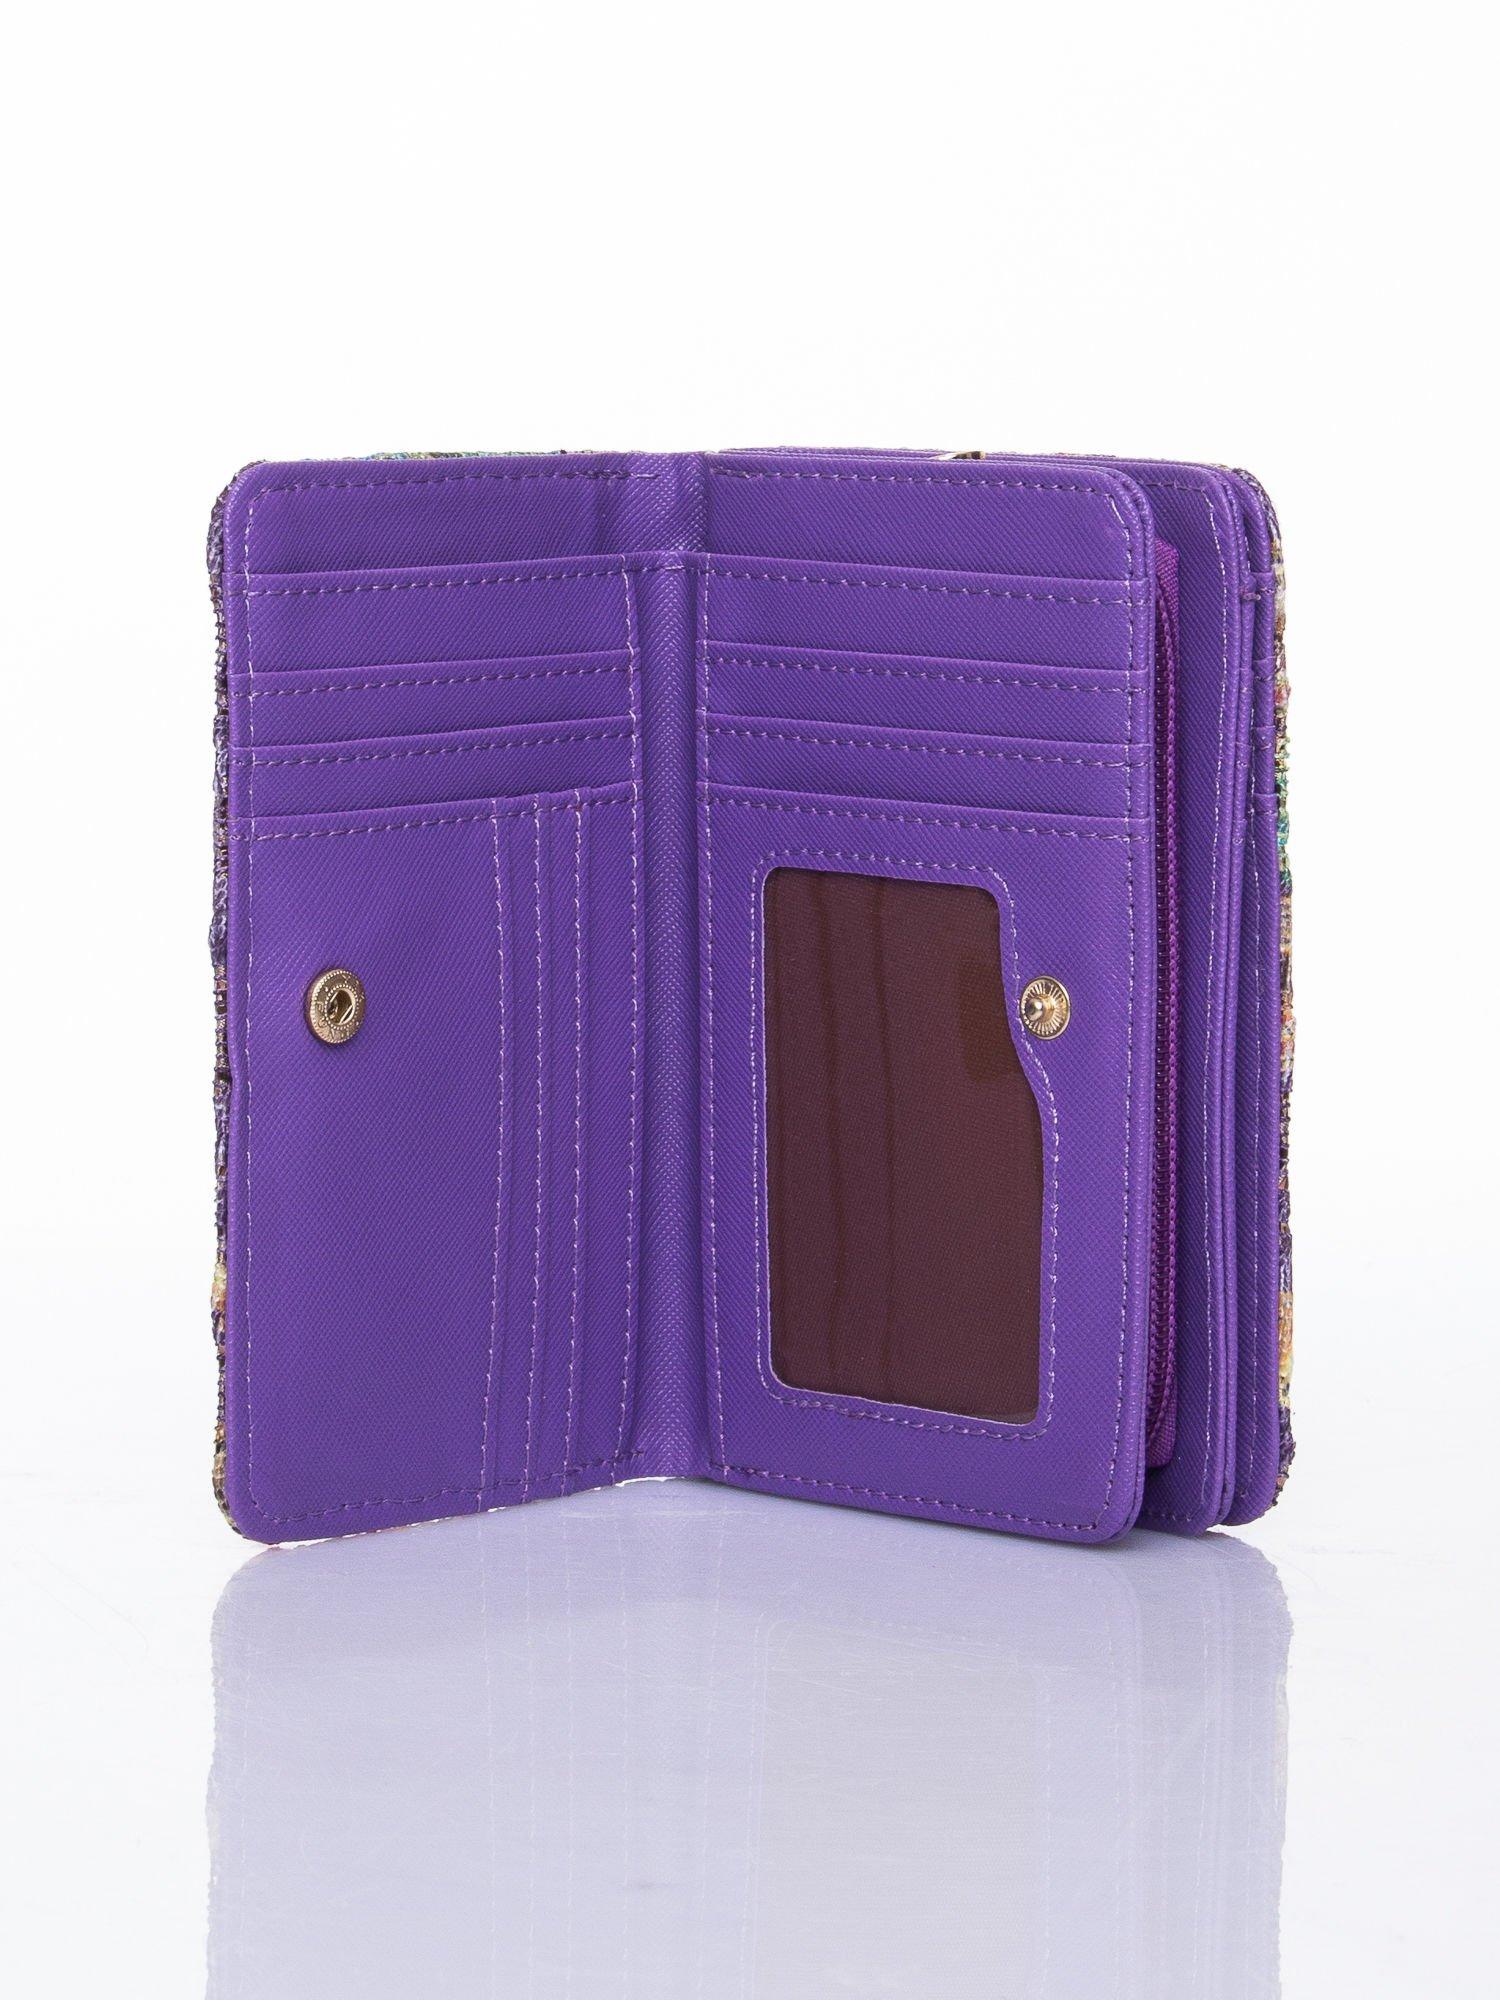 Fioletowy portfel z kwiatowymi motywami                                  zdj.                                  4